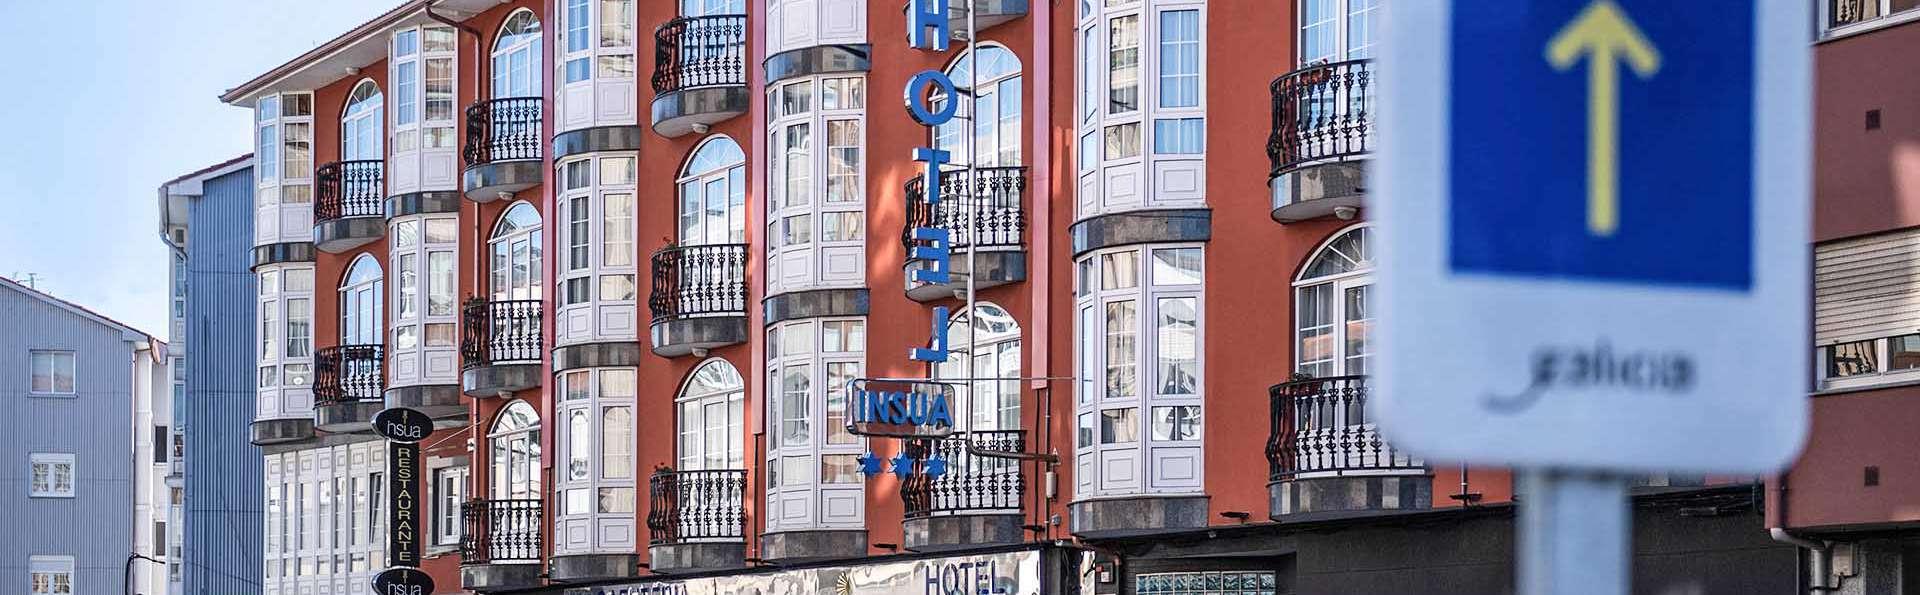 Hotel Oca Insua Costa da Morte - EDIT_Copia_de_Fachada_hotel_01.jpg